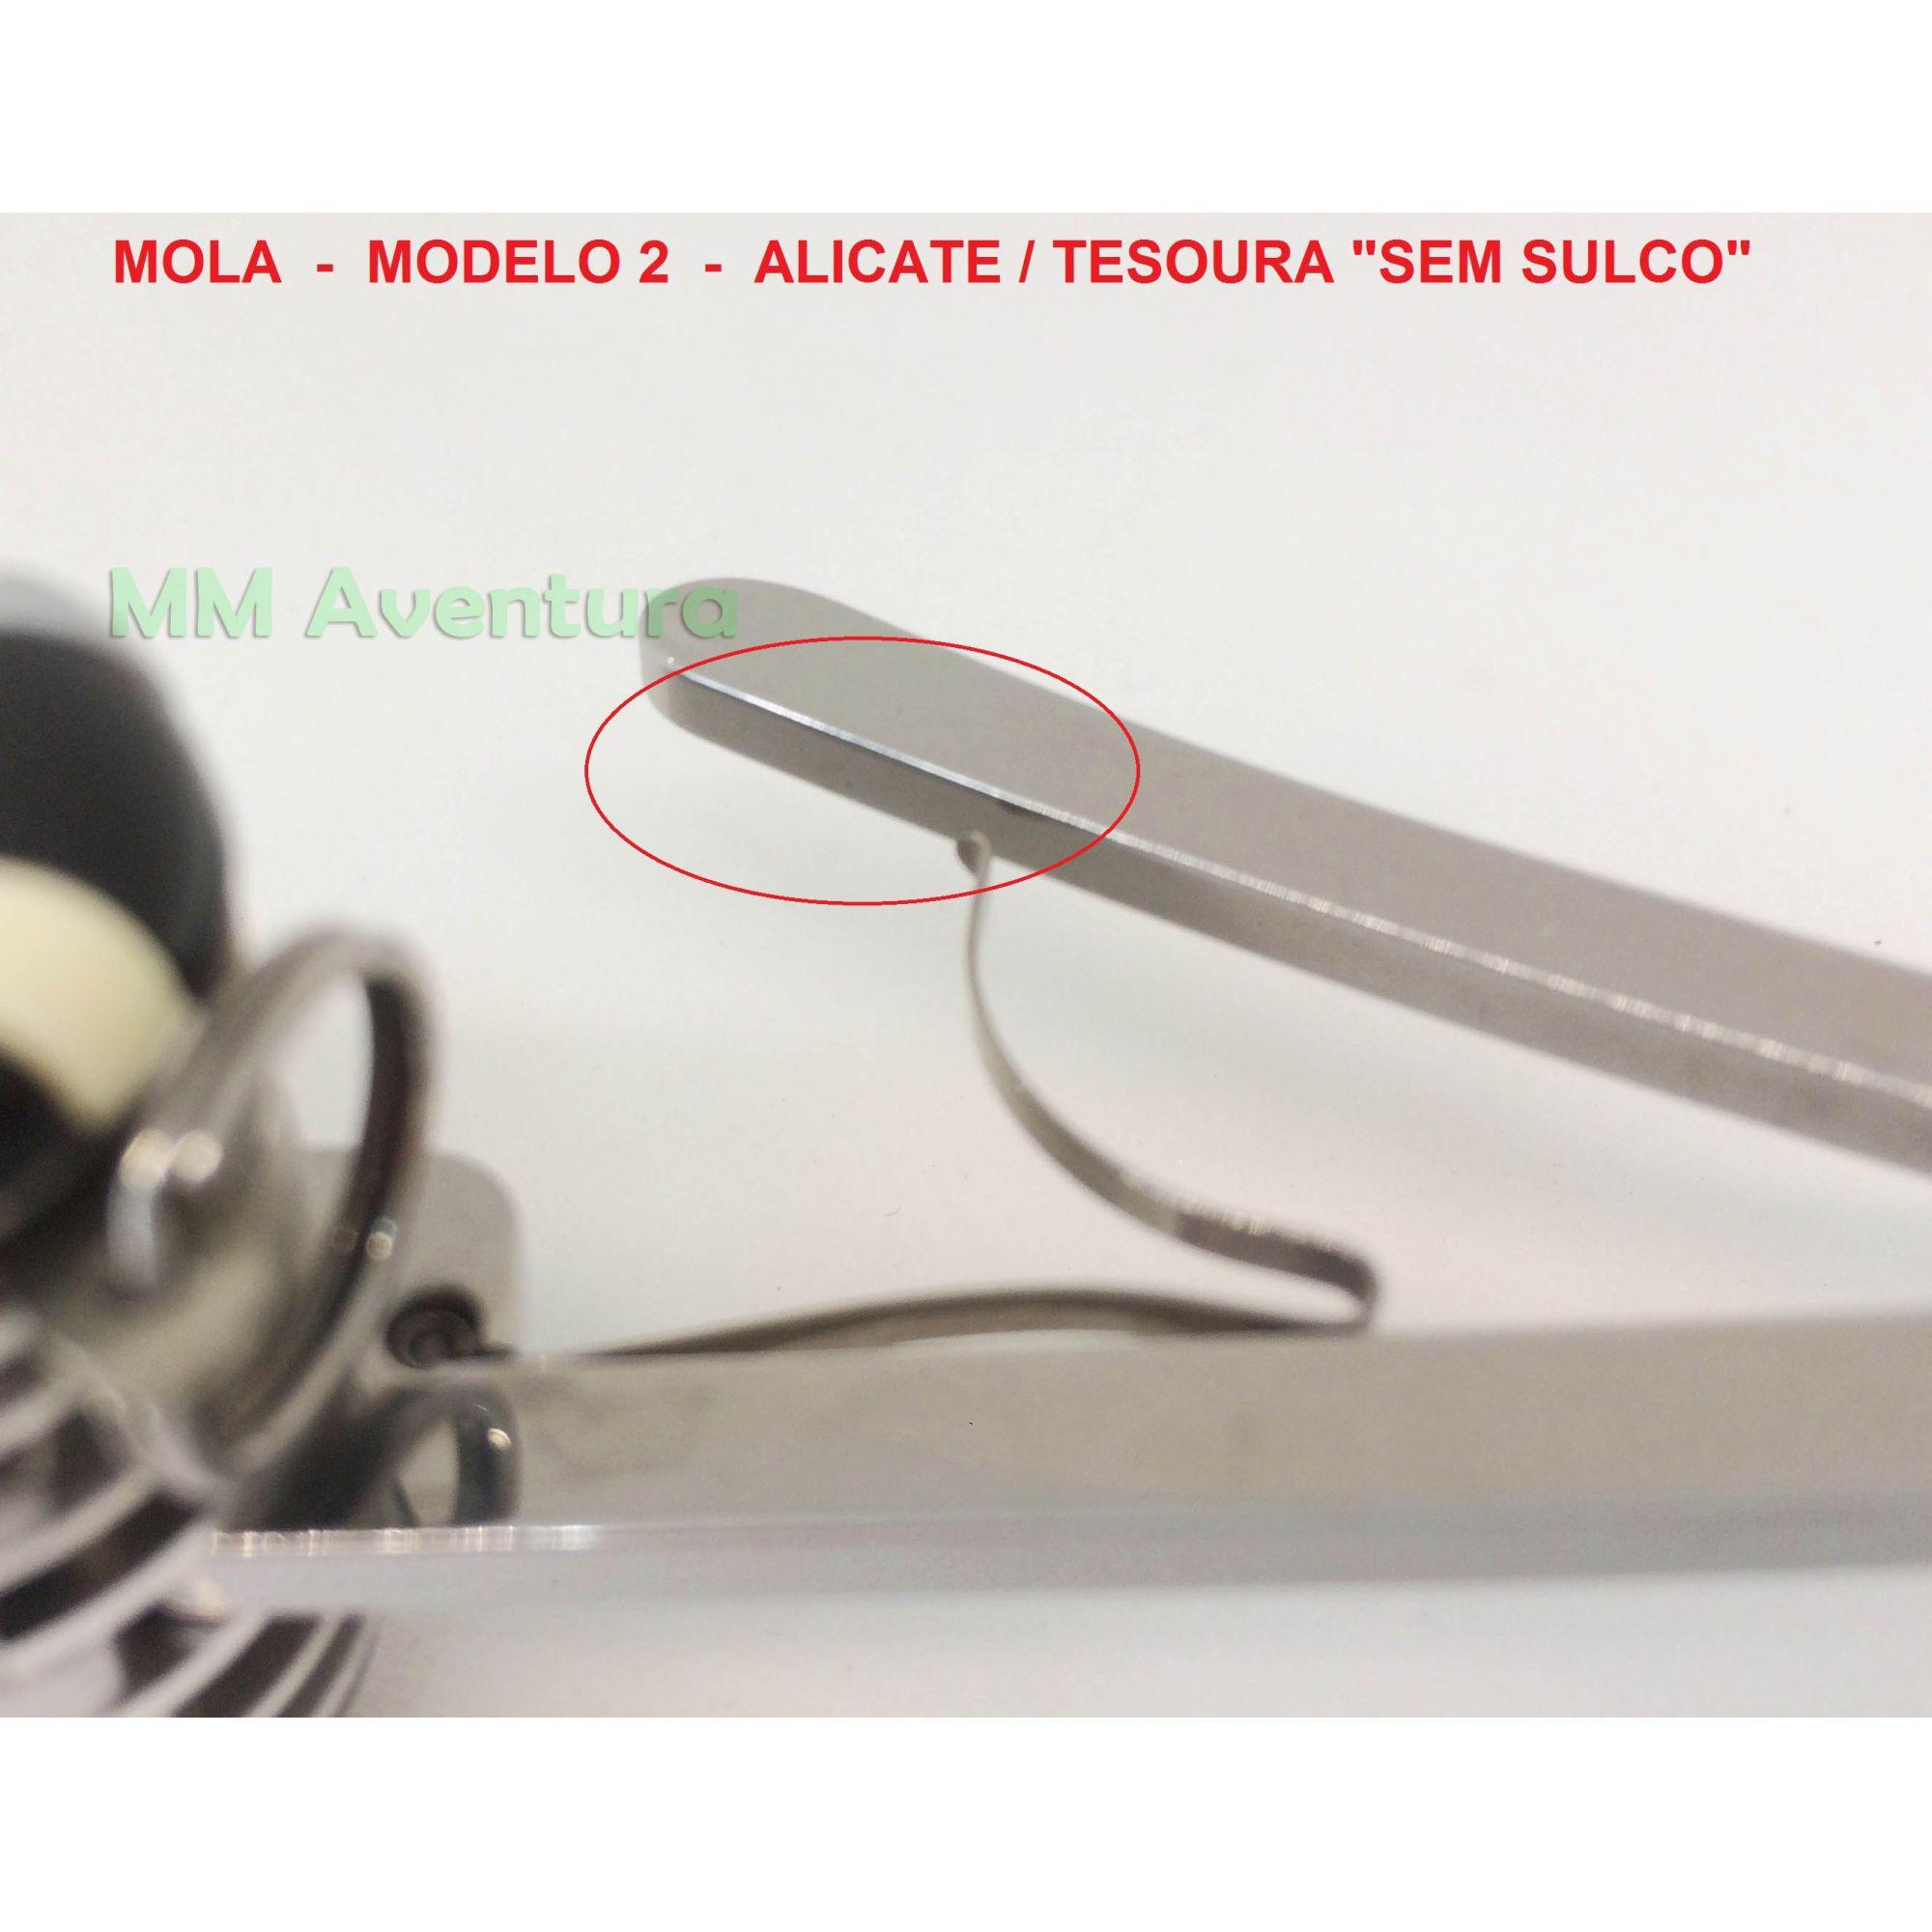 Mola Victorinox de Resposição p/ Tesoura e Alicate Canivetes de 58, 74, 84, 91, 111mm